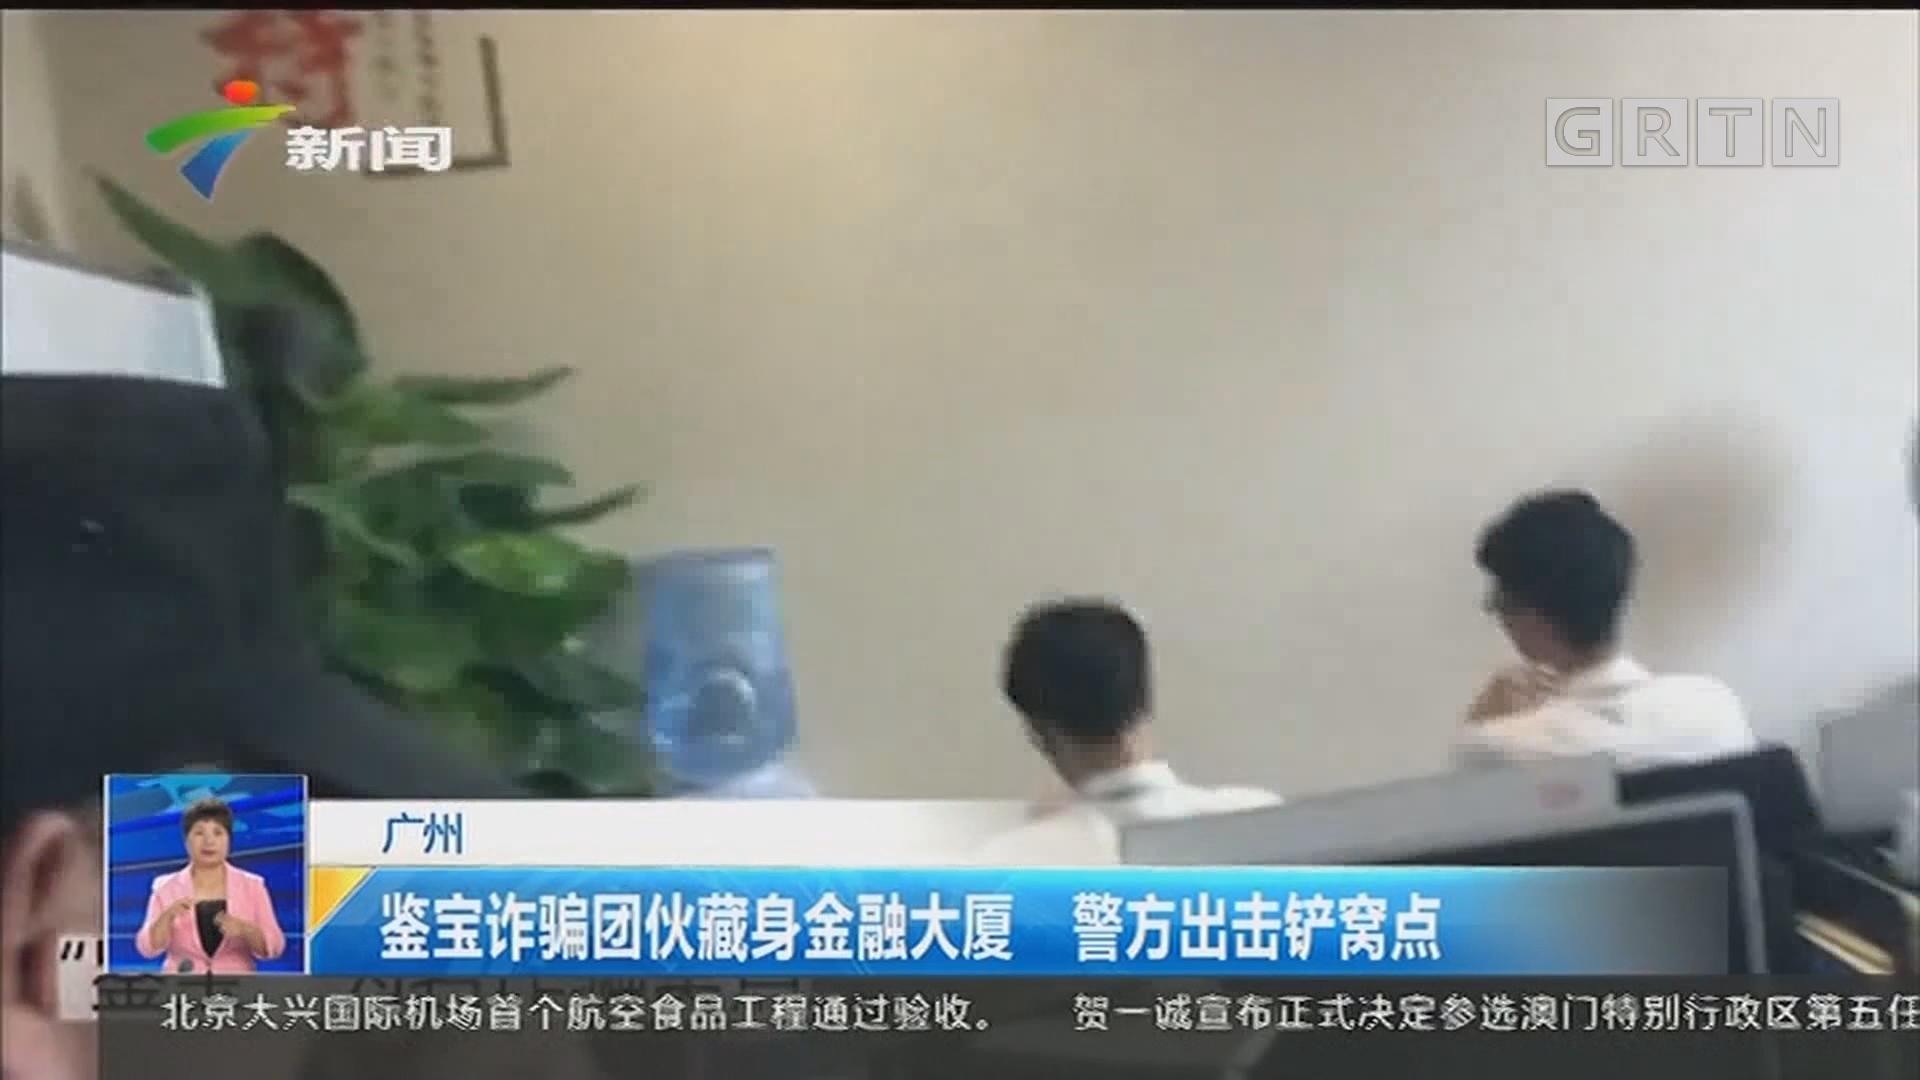 广州:鉴宝诈骗团伙藏身金融大厦 警方出击铲窝点